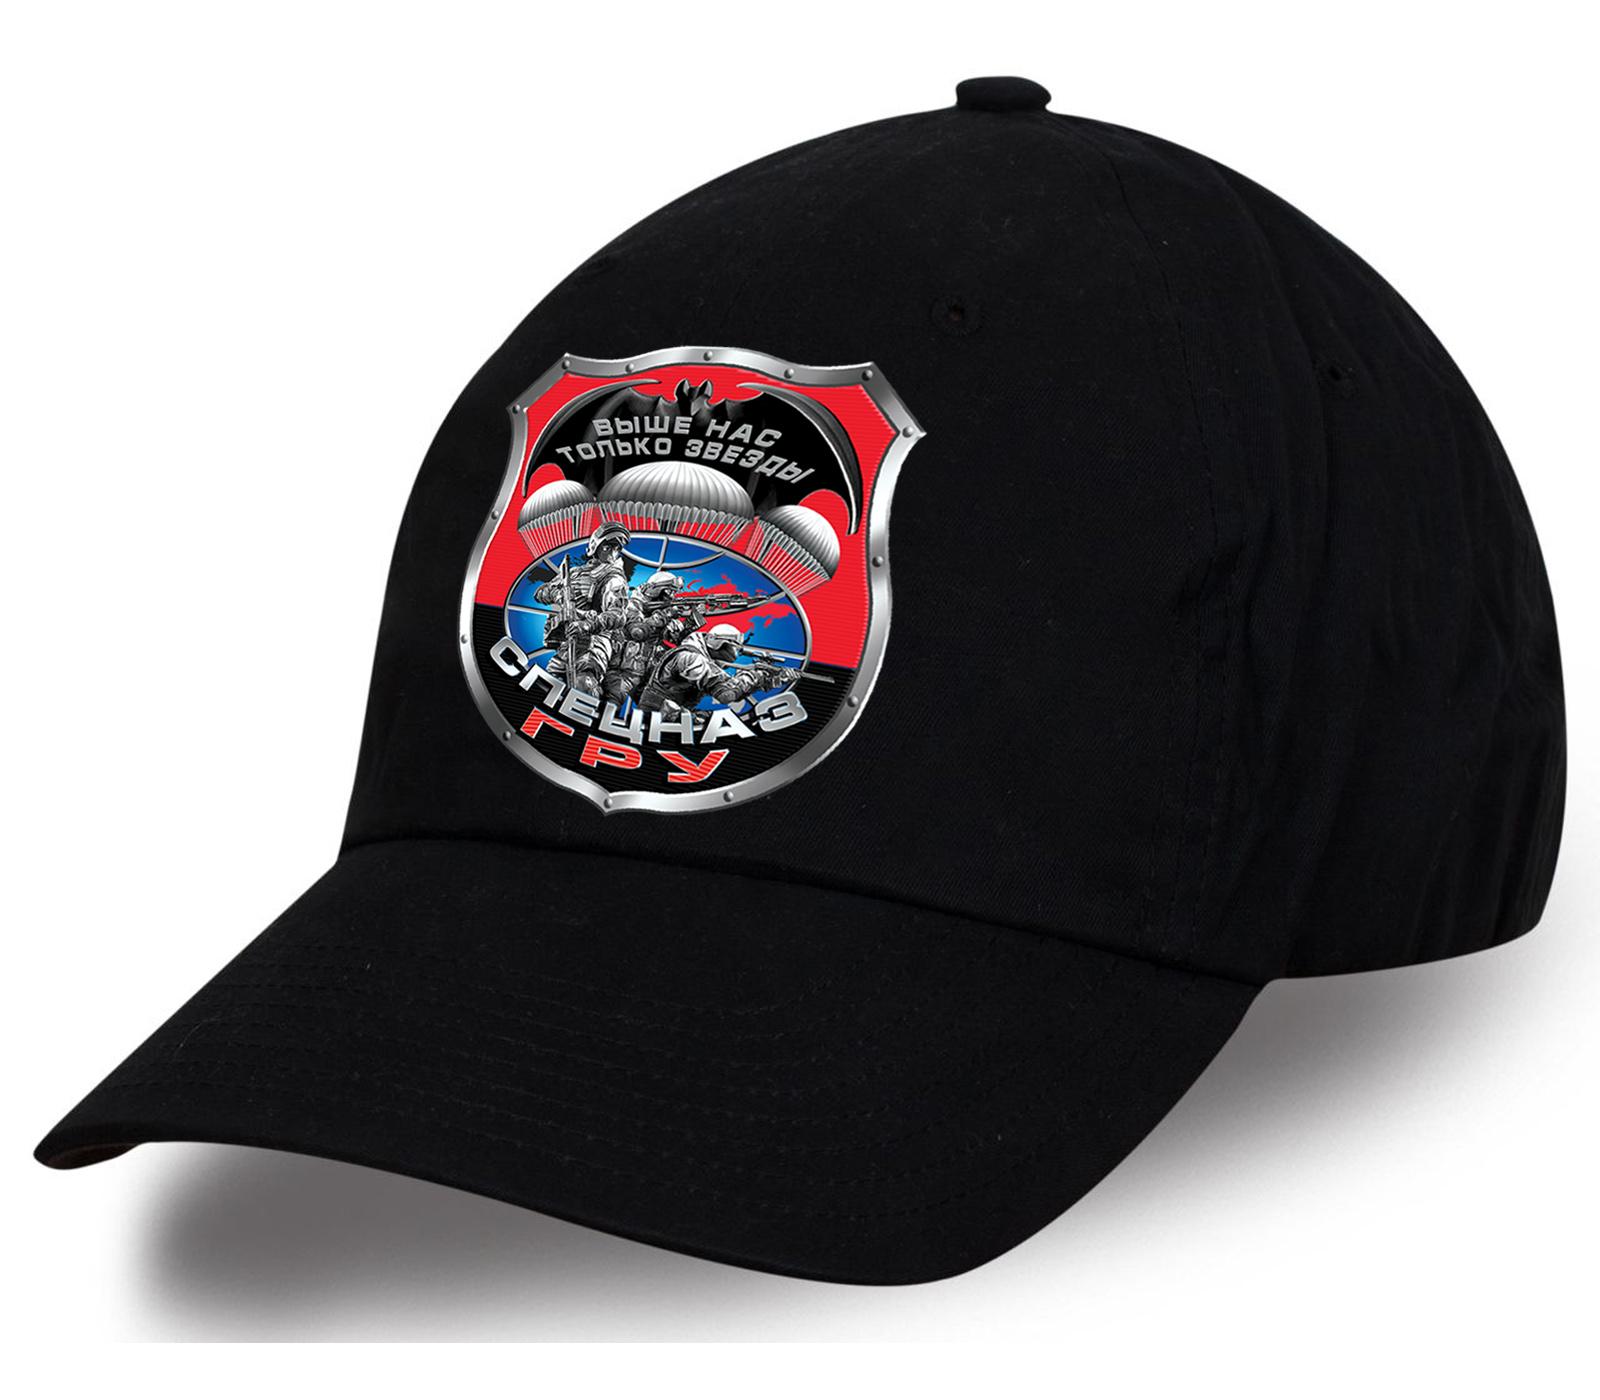 """Фирменная бейсболка """"Спецназ ГРУ"""" - отменный подарок по любому случаю. Качественная модель, которая 100% понравится"""